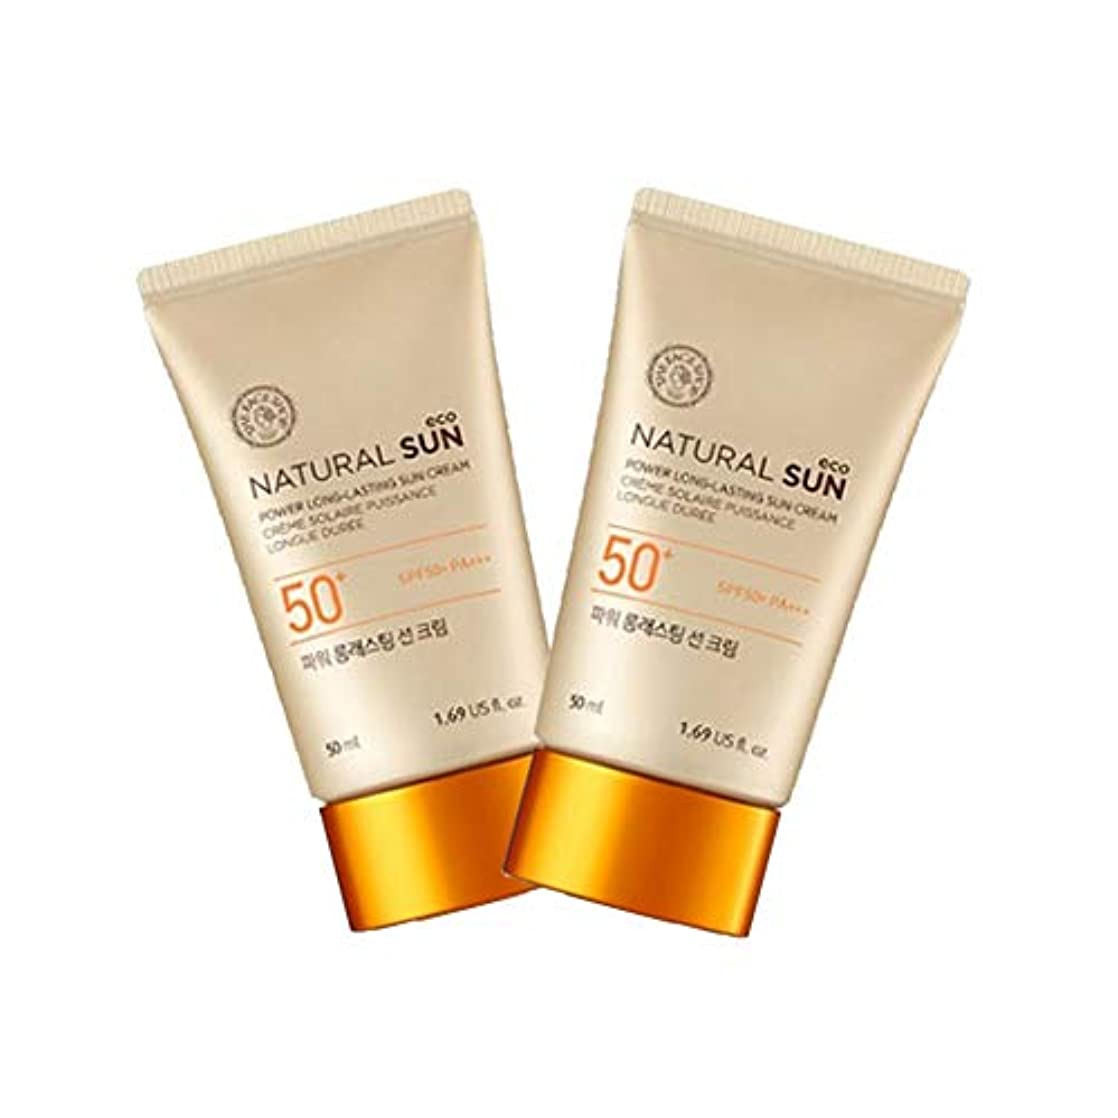 タイプライター空港古くなったザ?フェイスショップナチュラルサンエコパワーロングラスティングサンクリーム50mlx2本セット韓国コスメ、The Face Shop Natural Sun Eco Power Long Lasting Sun Cream 50ml x 2ea Set Korean Cosmetics [並行輸入品]